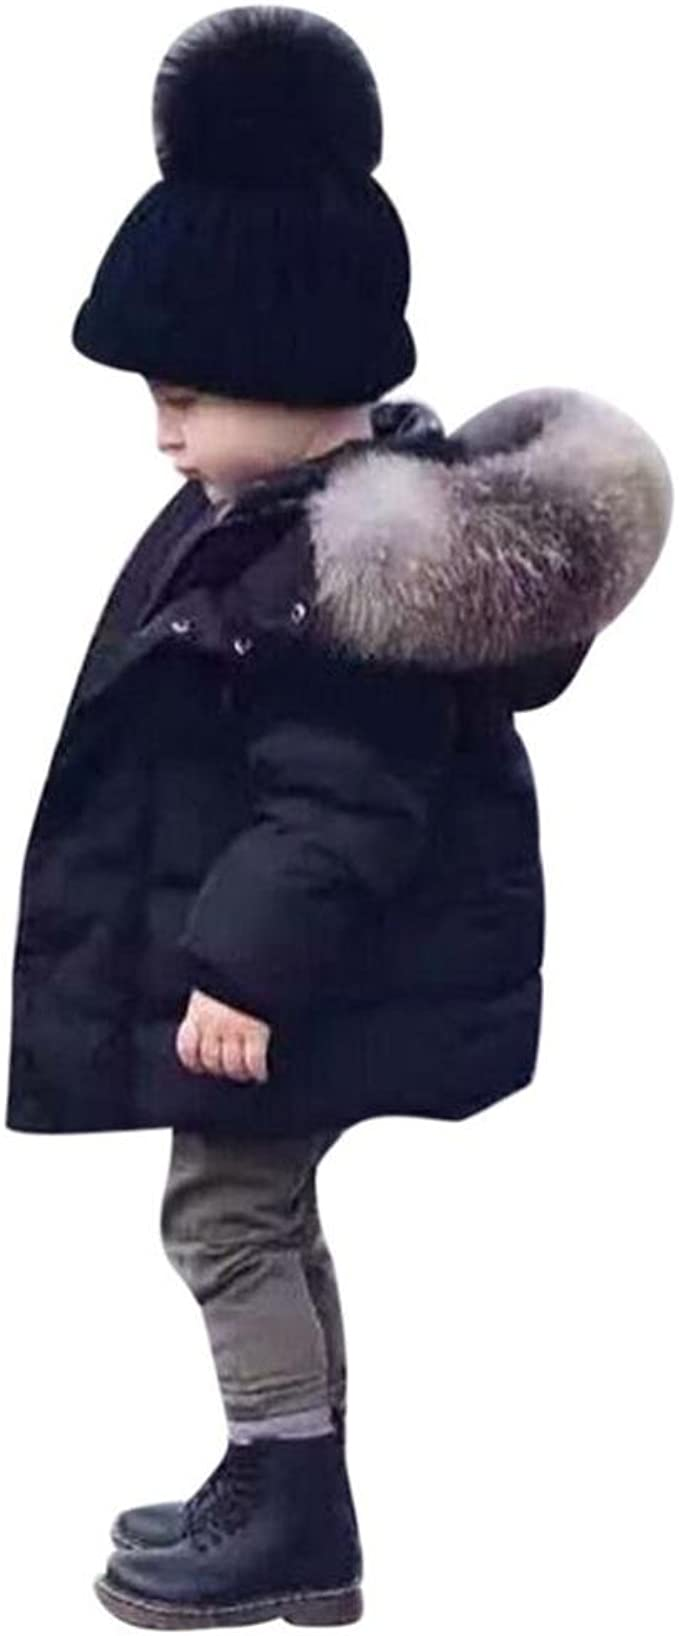 Longra Baby Kinder M/ädchen Junge Daunenmantel Daunenjacken mit Fellkapuze Kinder Winterjacke Kapuzenmantel Kapuzenjacke Trenchcoat Warm Kinder Winterm/äntel Kleidung 0-5Jahre